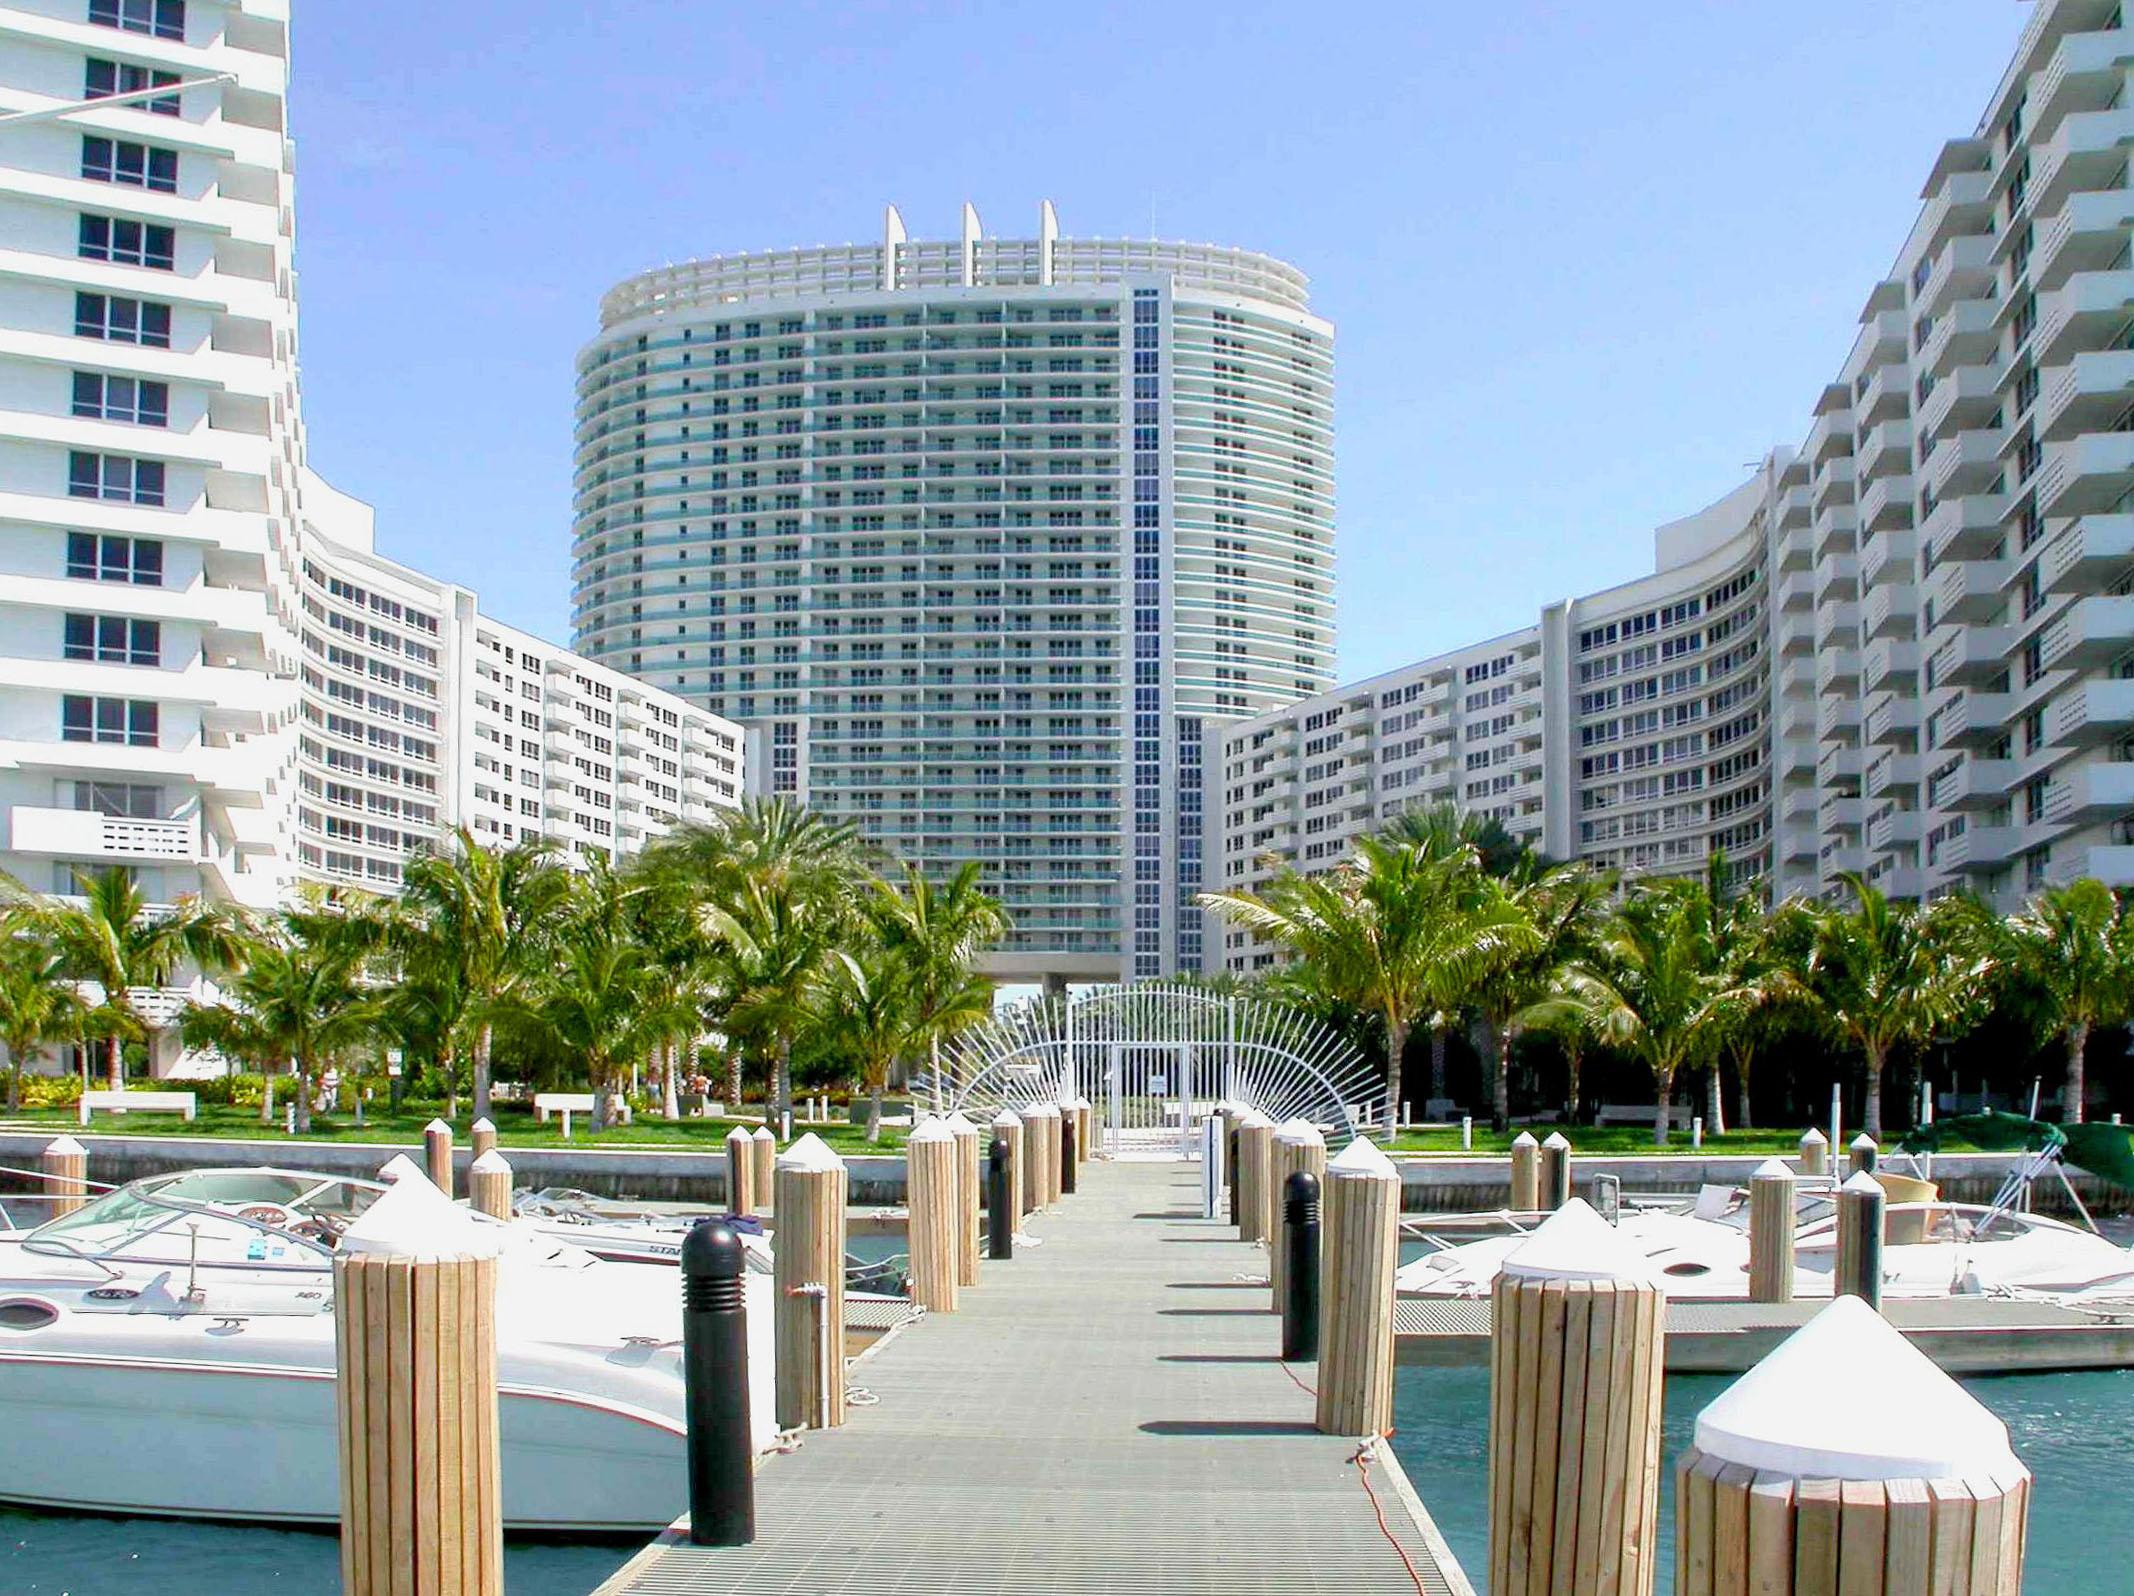 Flamingo South Beach Room For Rent